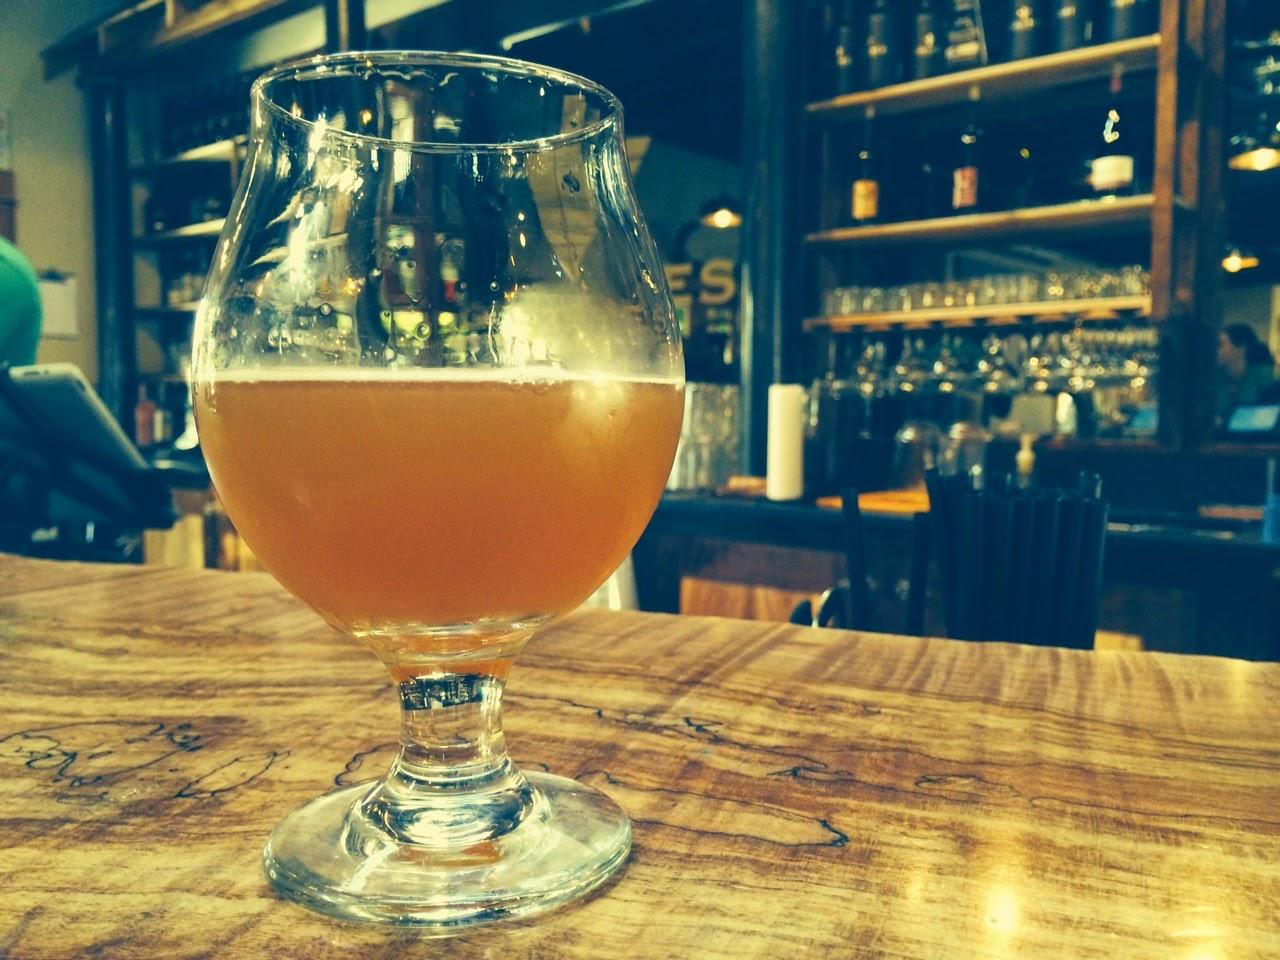 オレゴン セーレム ギルガメッシュ ビール